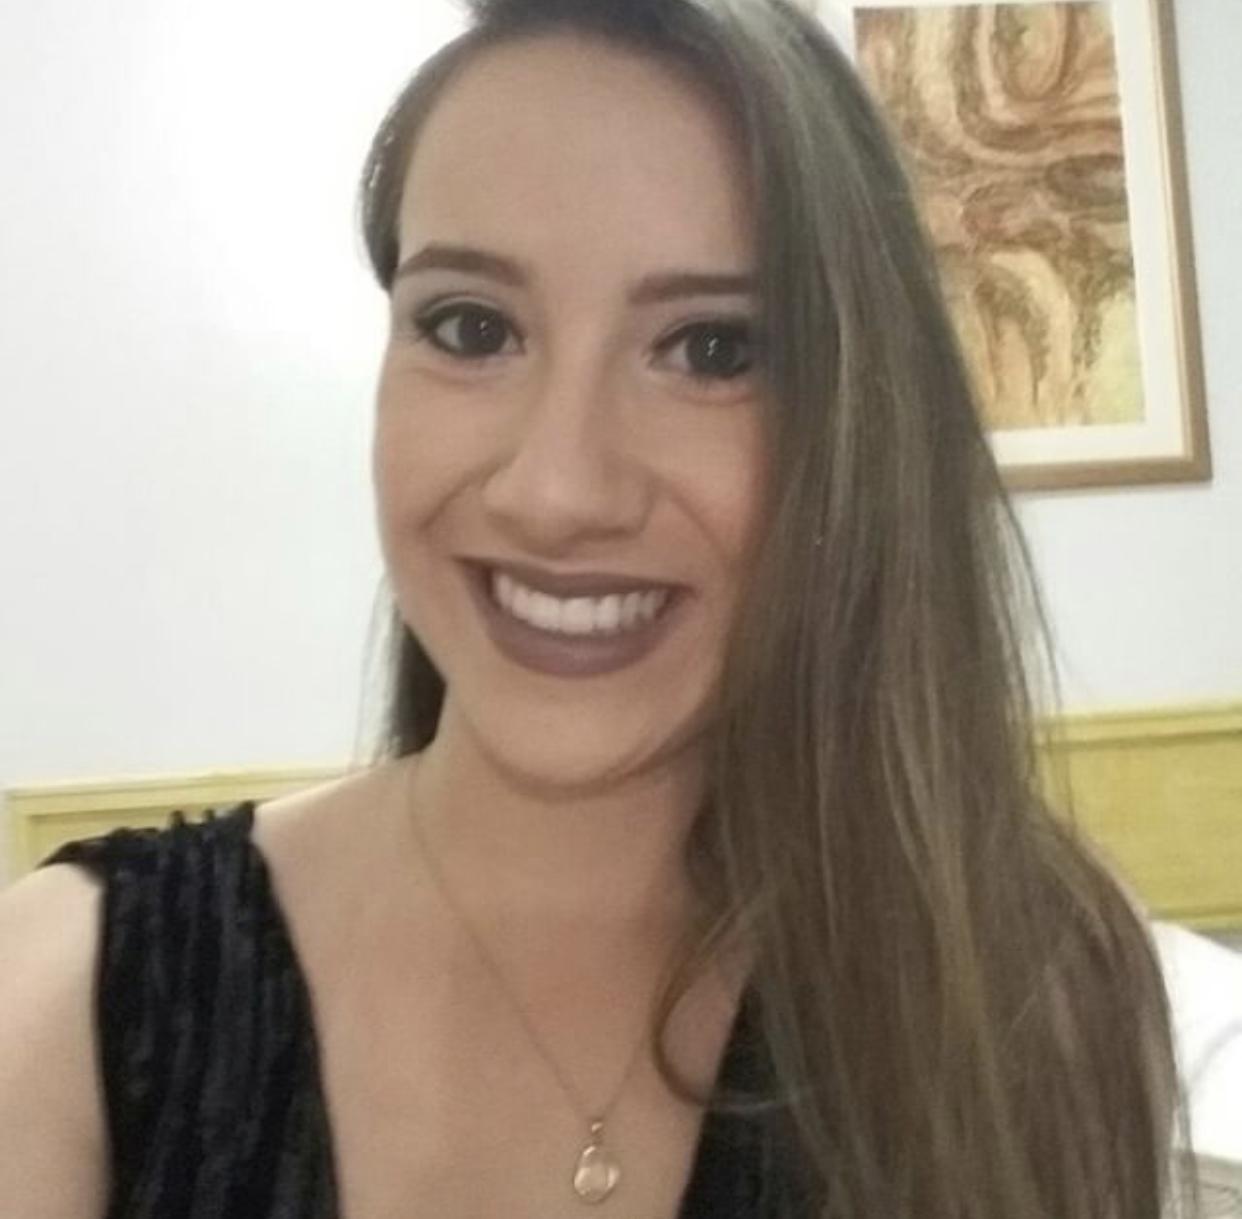 ENTREVISTA: Lidiane Magalhães - Aprovada no concurso MPU em 8º lugar para o Rio Grande do Sul no cargo de Analista